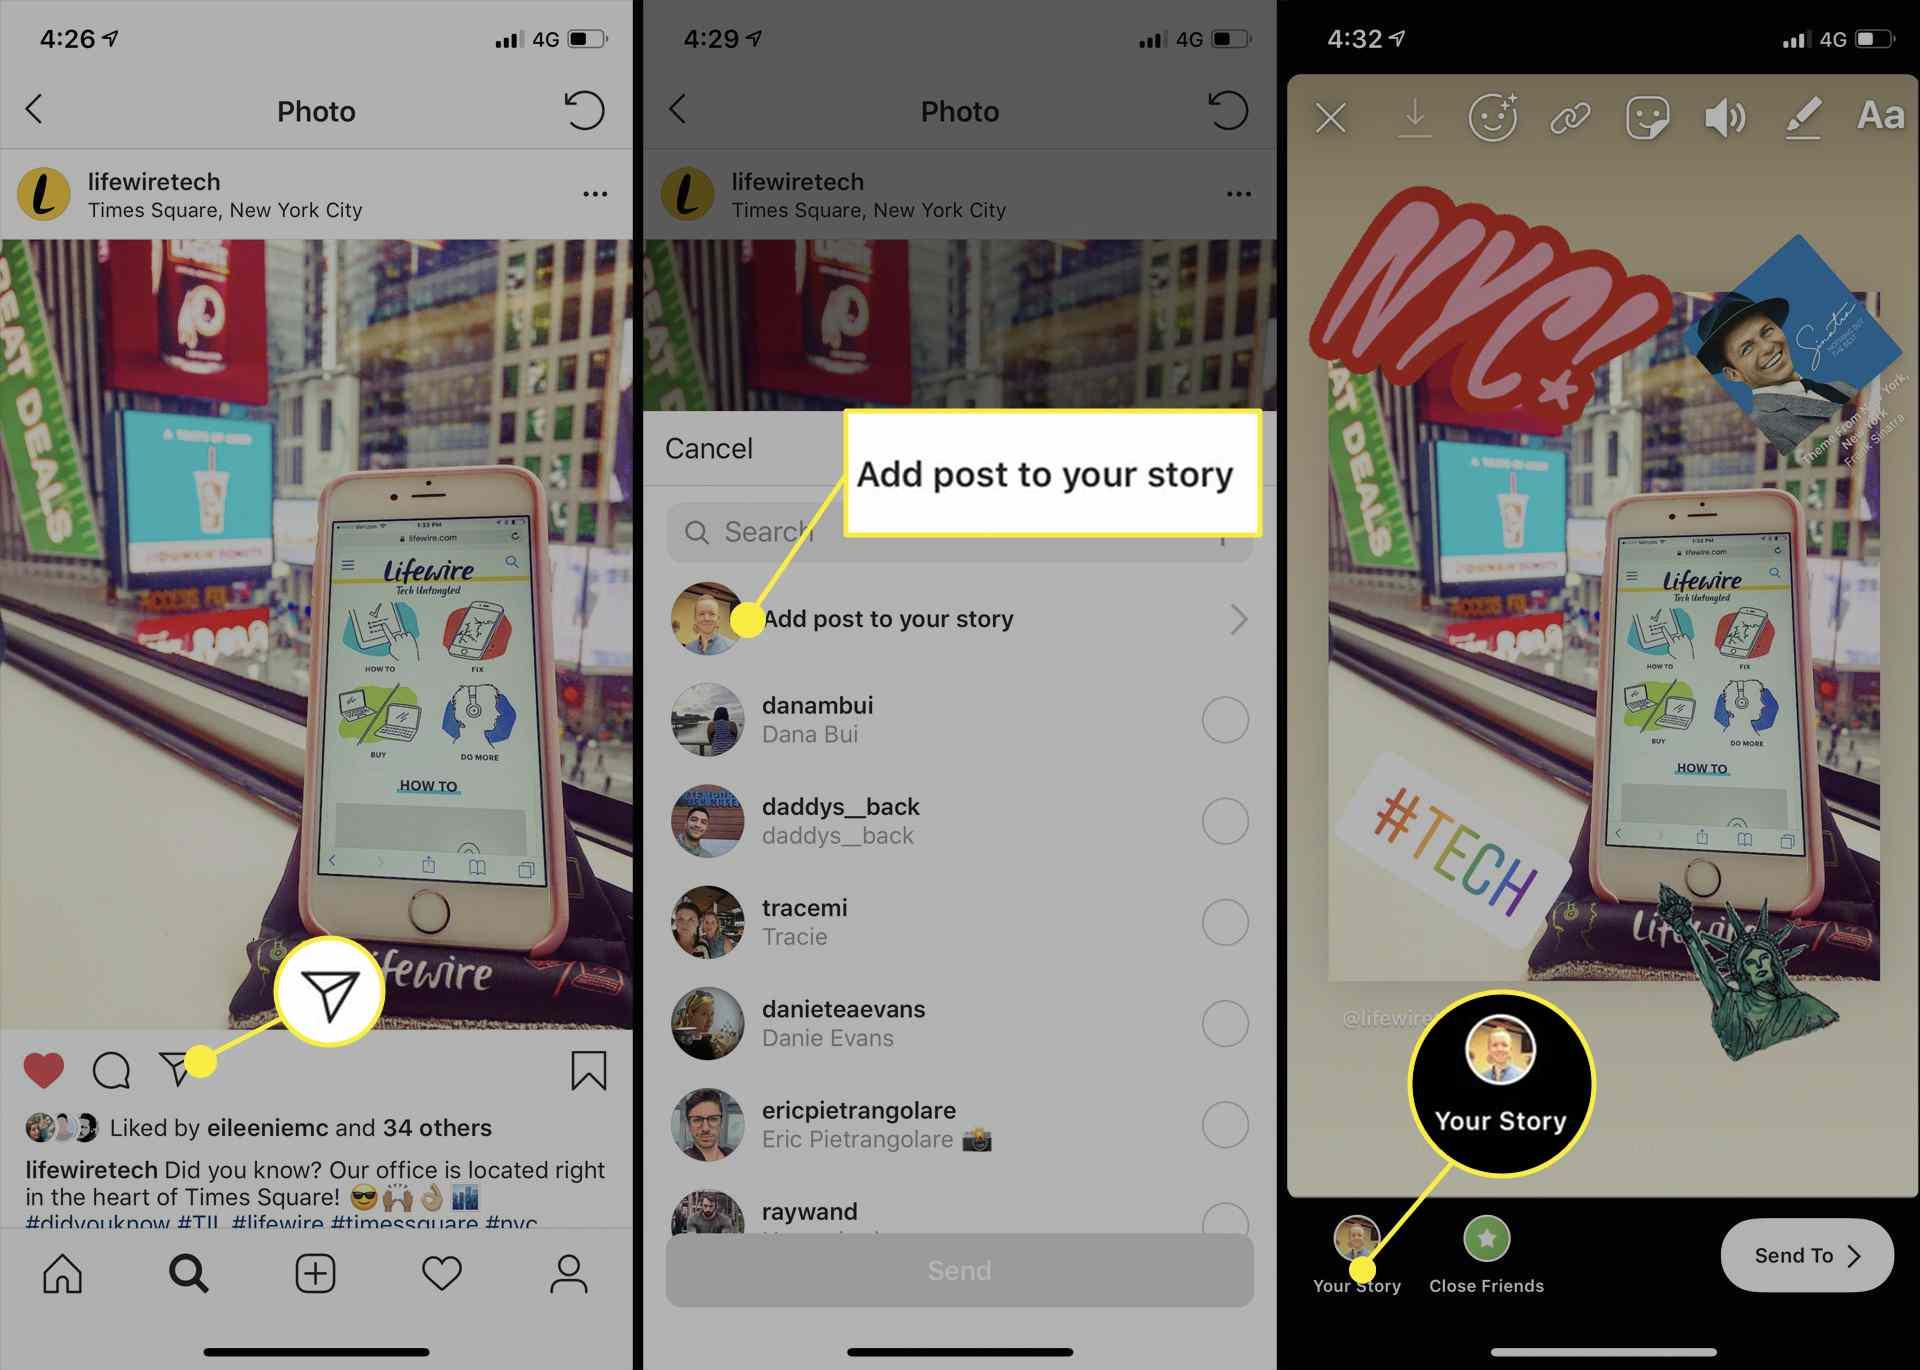 مشاركة منشور Instagram على قصة Instagram في تطبيق iPhone.